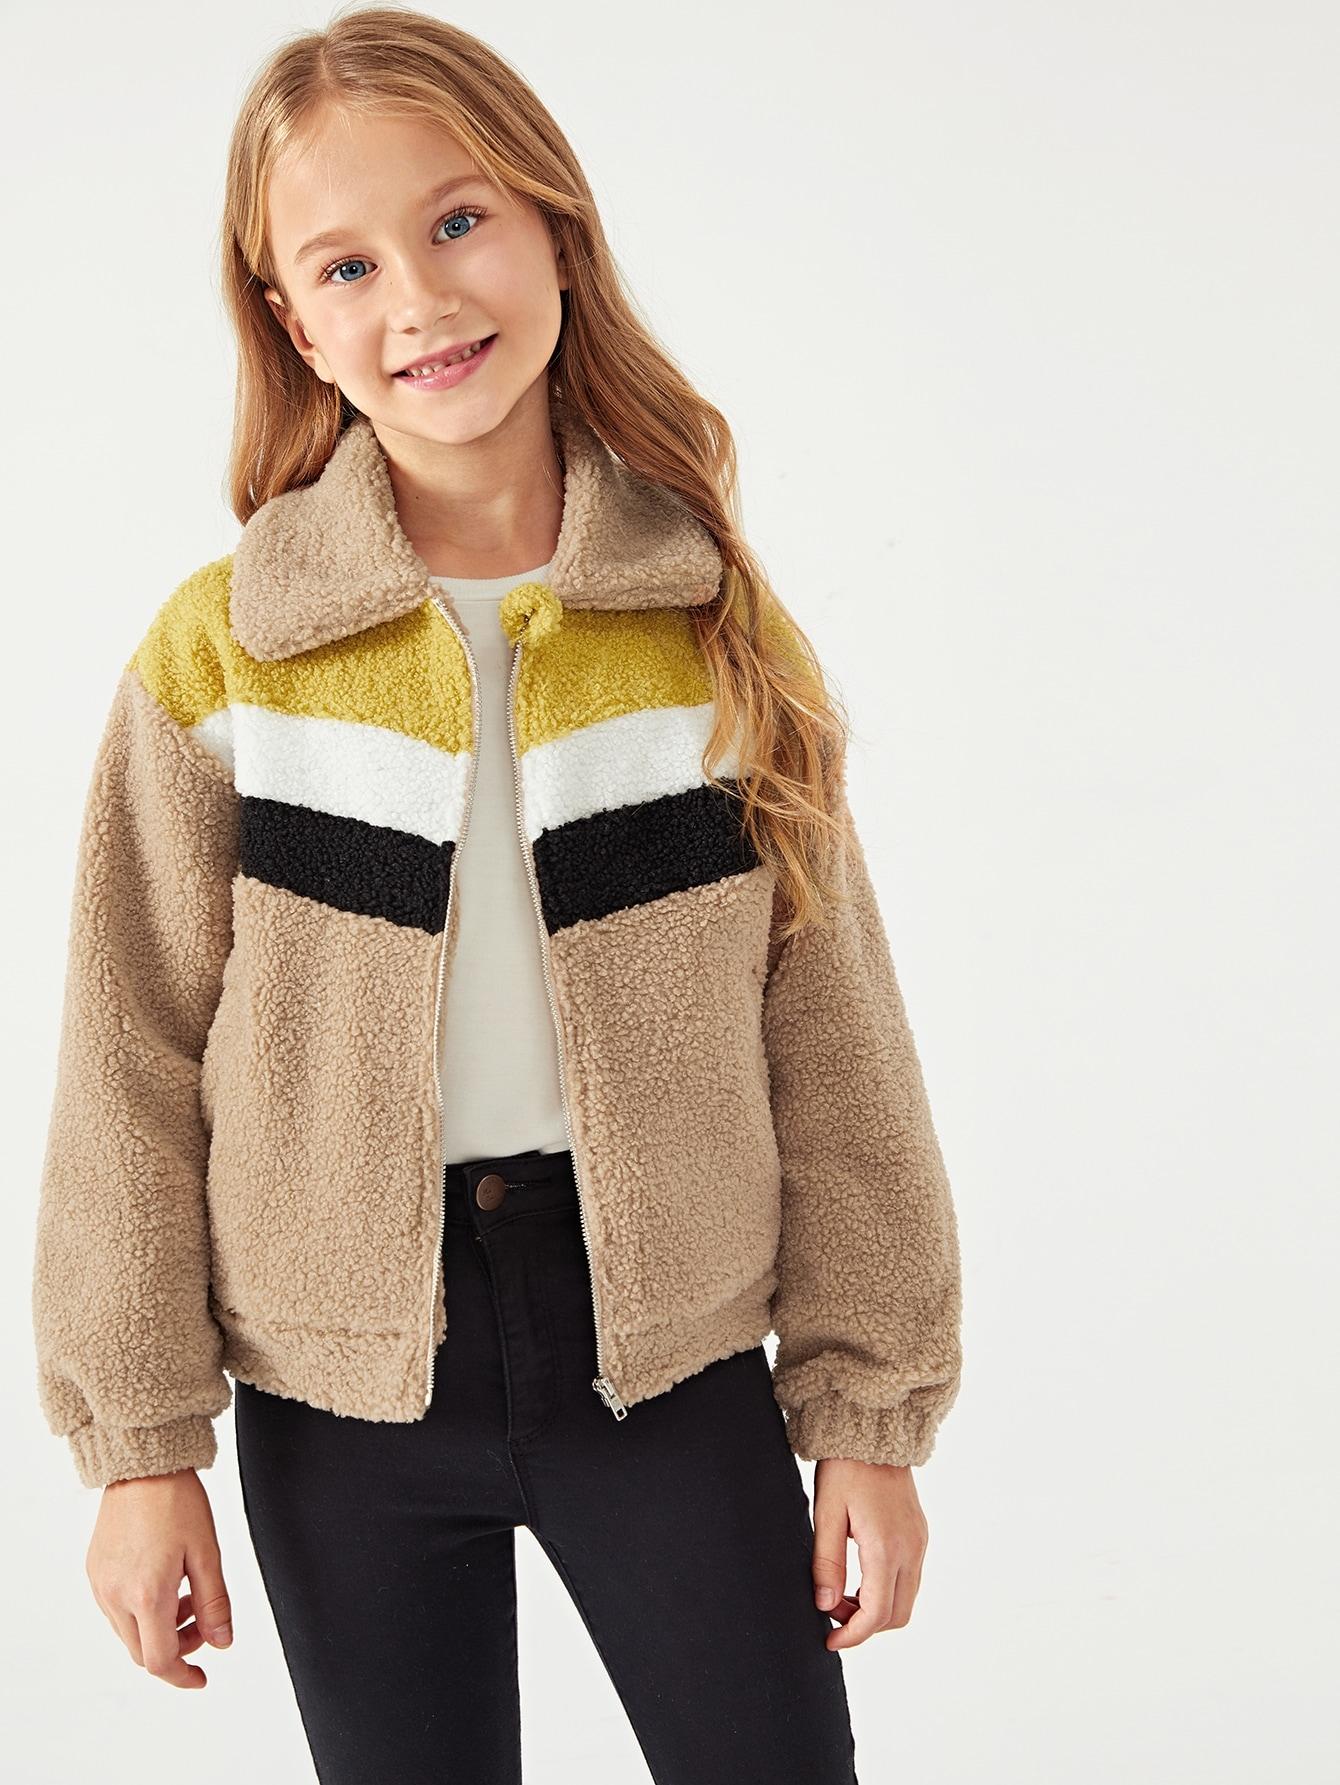 Купить Контрастная плюшевая куртка на молнии для девочек, Masha. P, SheIn